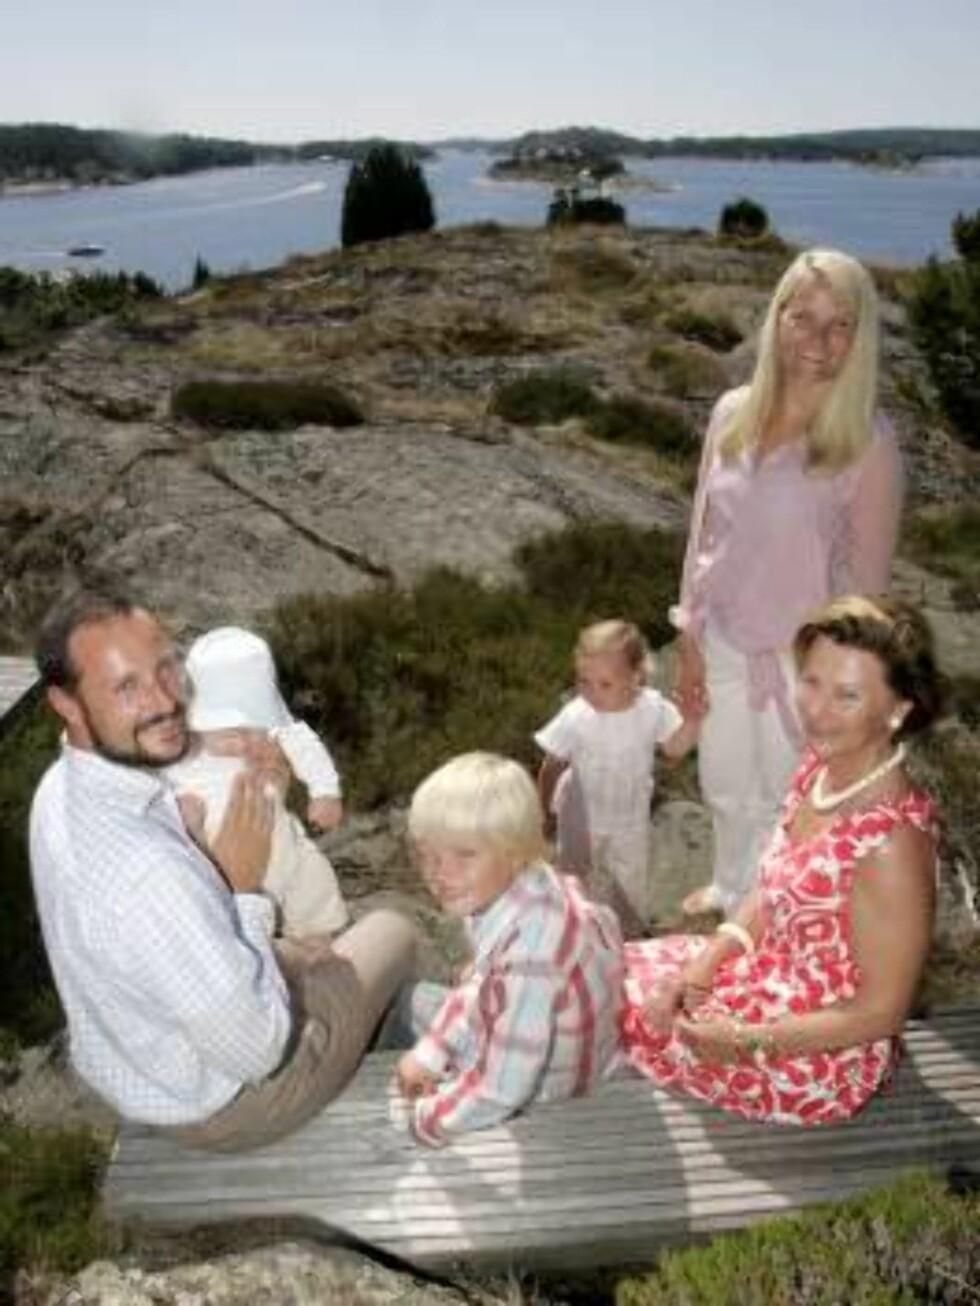 <strong>MÅGERØ 20060720:</strong> F.v. kronprins Haakon, prins Sverre Magnus, Marius Høiby, prinsesse Ingrid Alexandra, kronprinsesse Mette-Marit og dronning Sonja fotografert i solskinnet på Mågerø torsdag, der kronprinsen feiret sin 33-årsdag.  Foto: Bjørn Sig Foto: SCANPIX